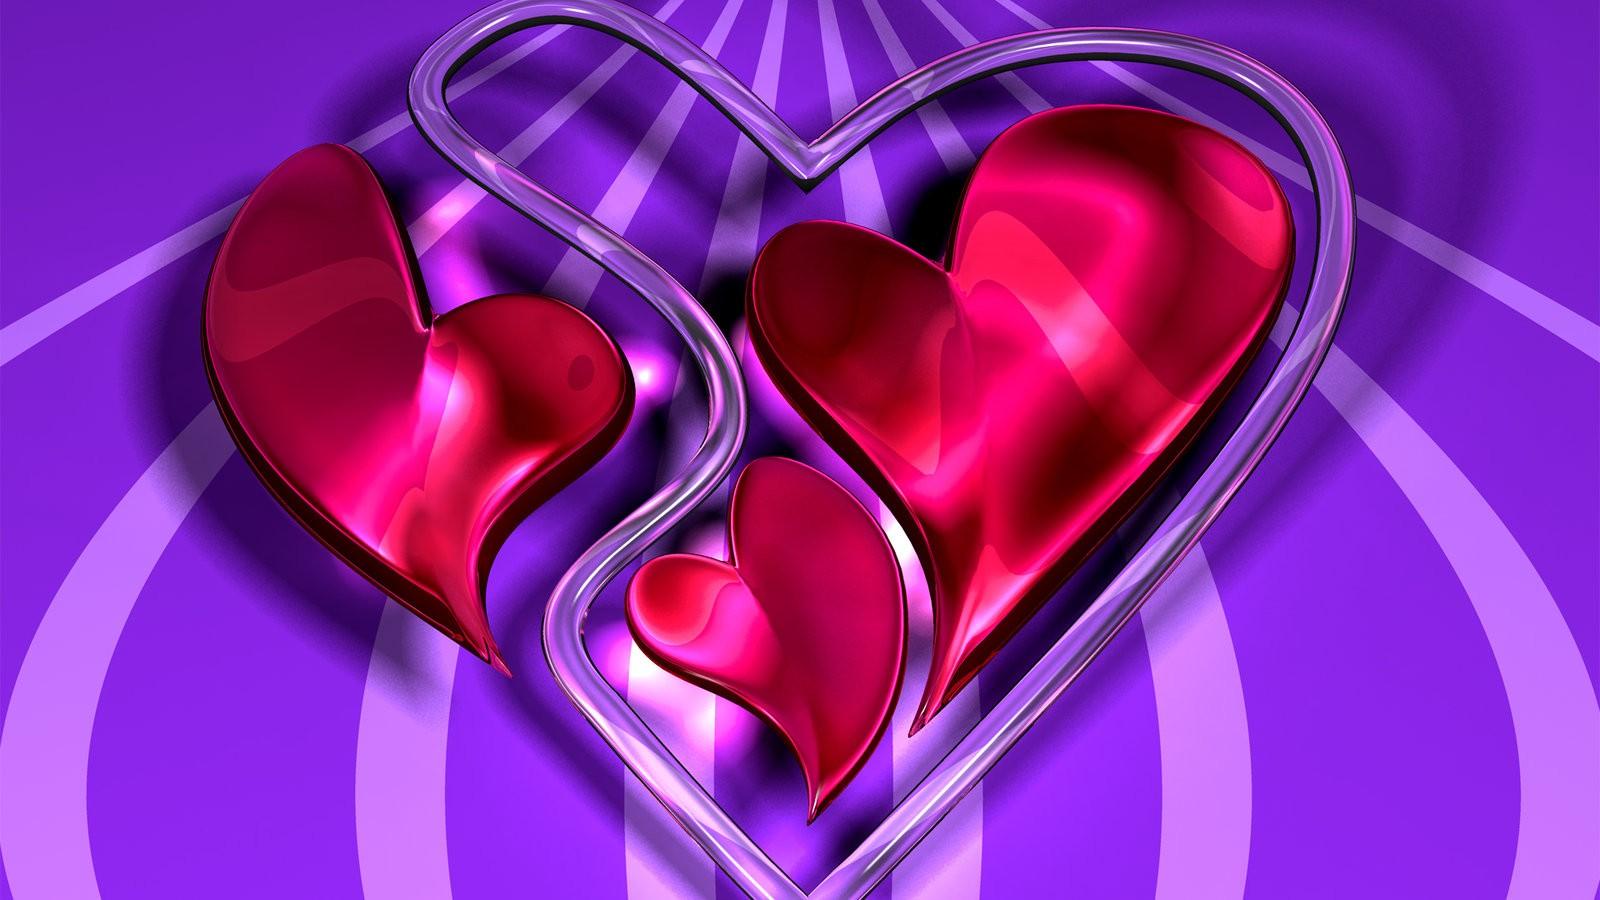 обои для рабочего стола любовь 3д № 446702 бесплатно